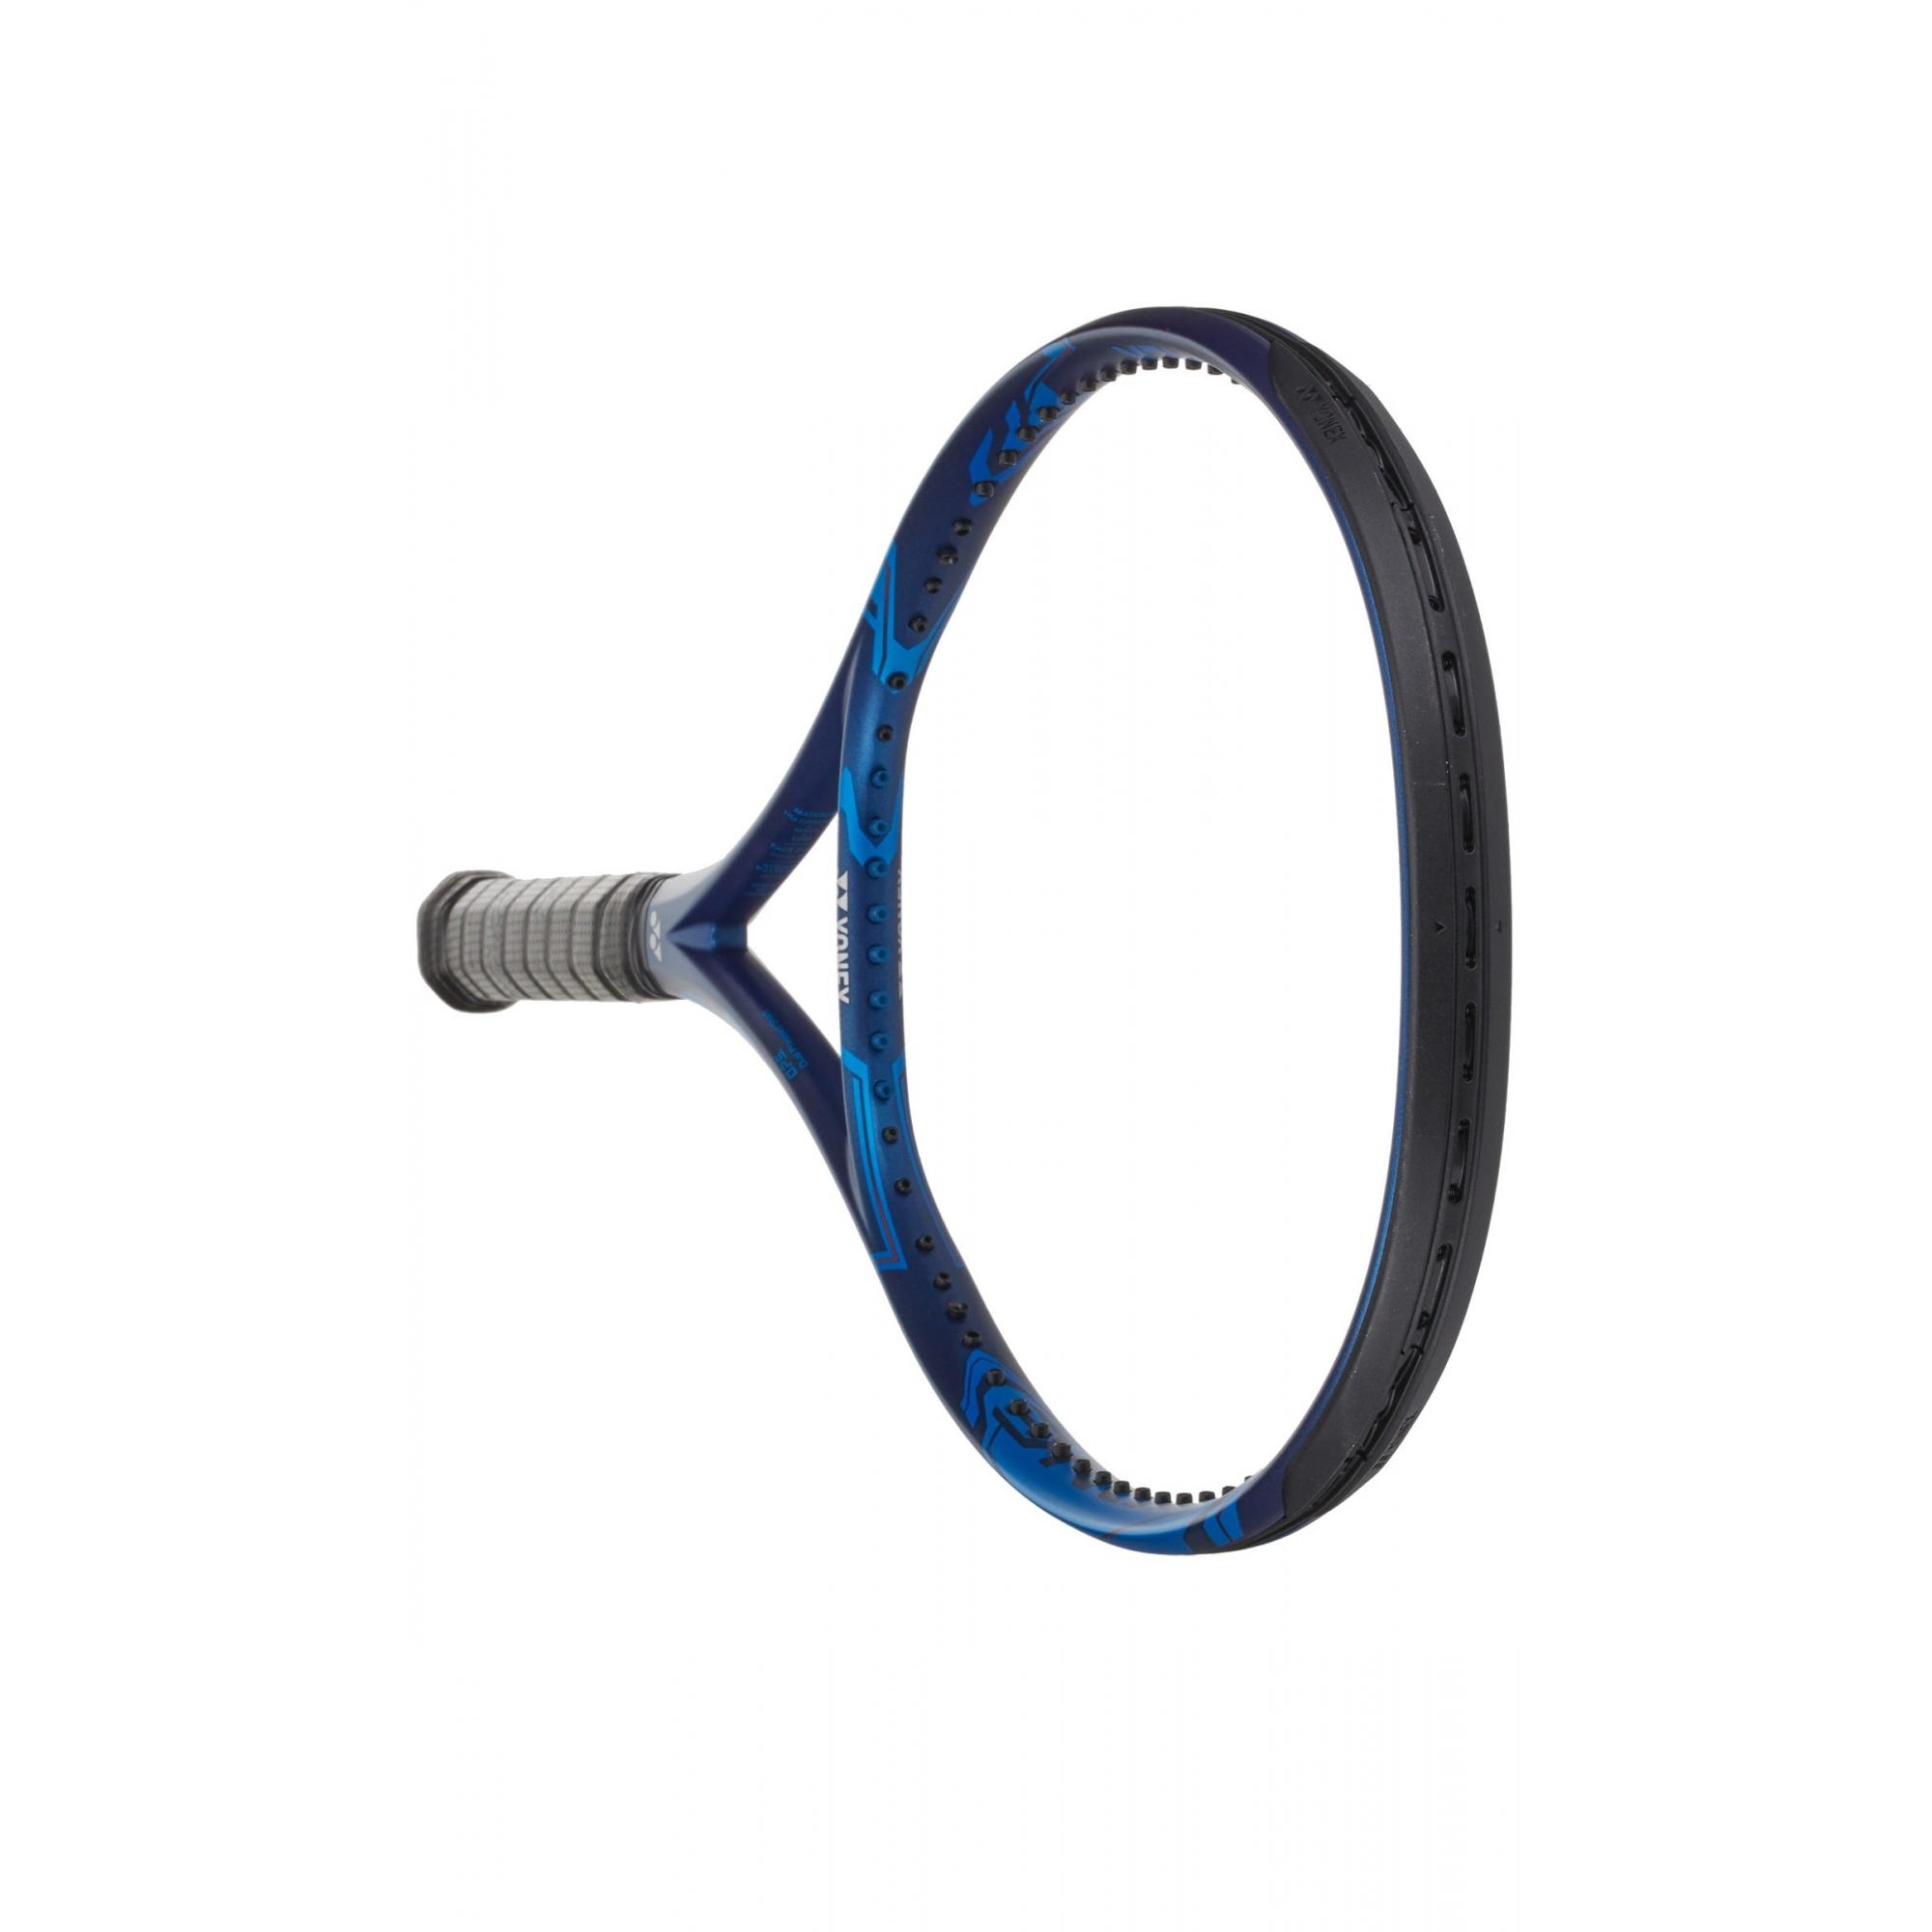 Raquete de Tênis Yonex Ezone 98 Tour - 2020 - 315g  - PROTENISTA